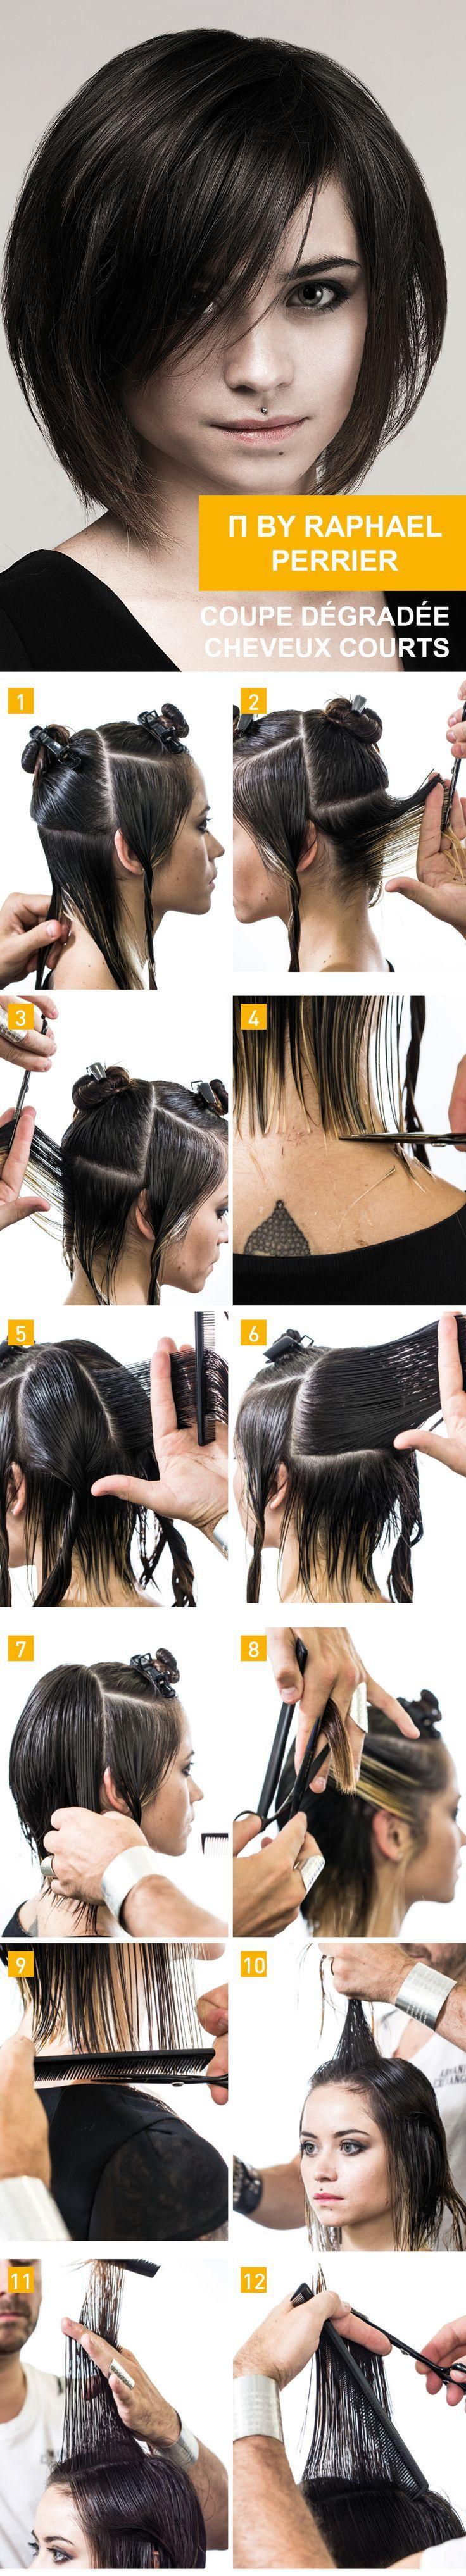 modèles de coupe de cheveux pour femme 80 via http://ift.tt/2axo7TJ